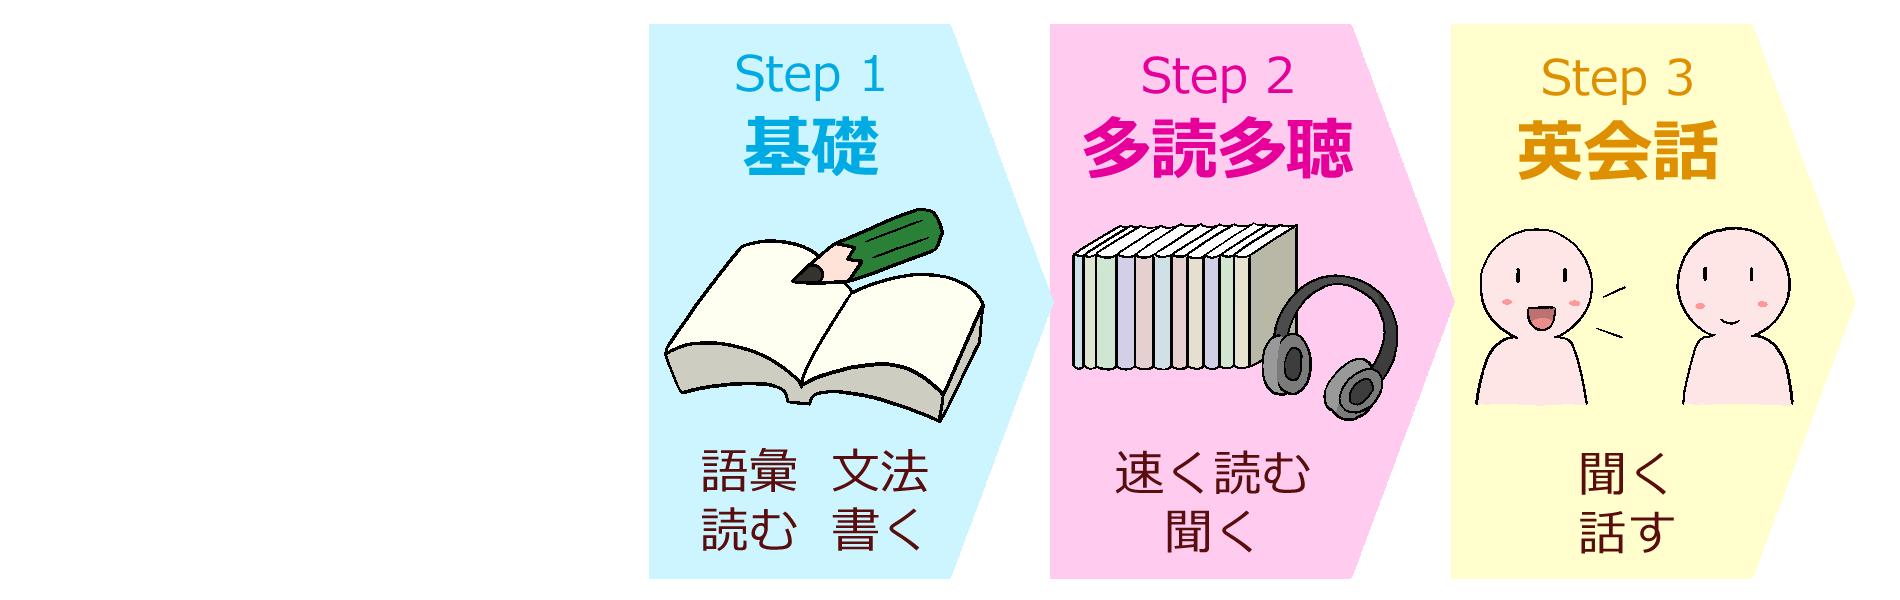 英語学習の3ステップ